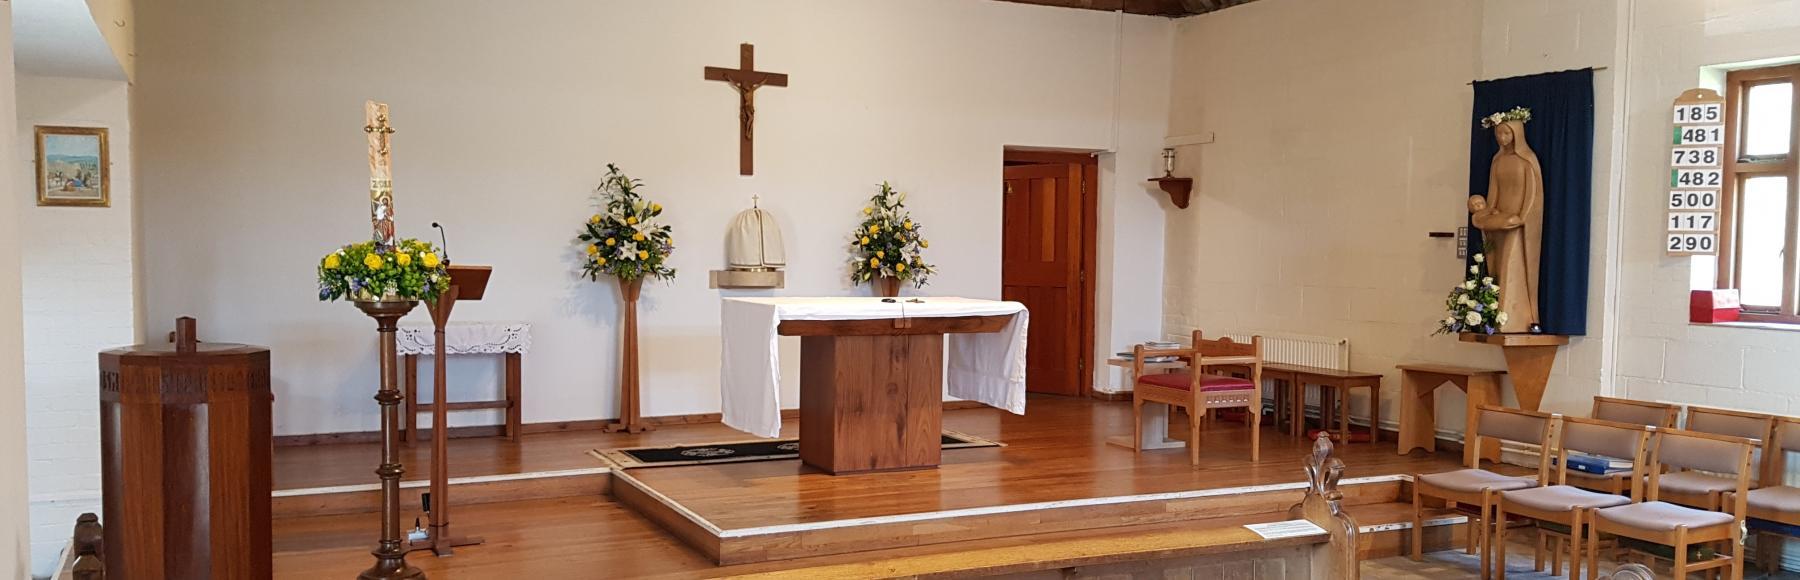 St Francis de Sales Church Altar